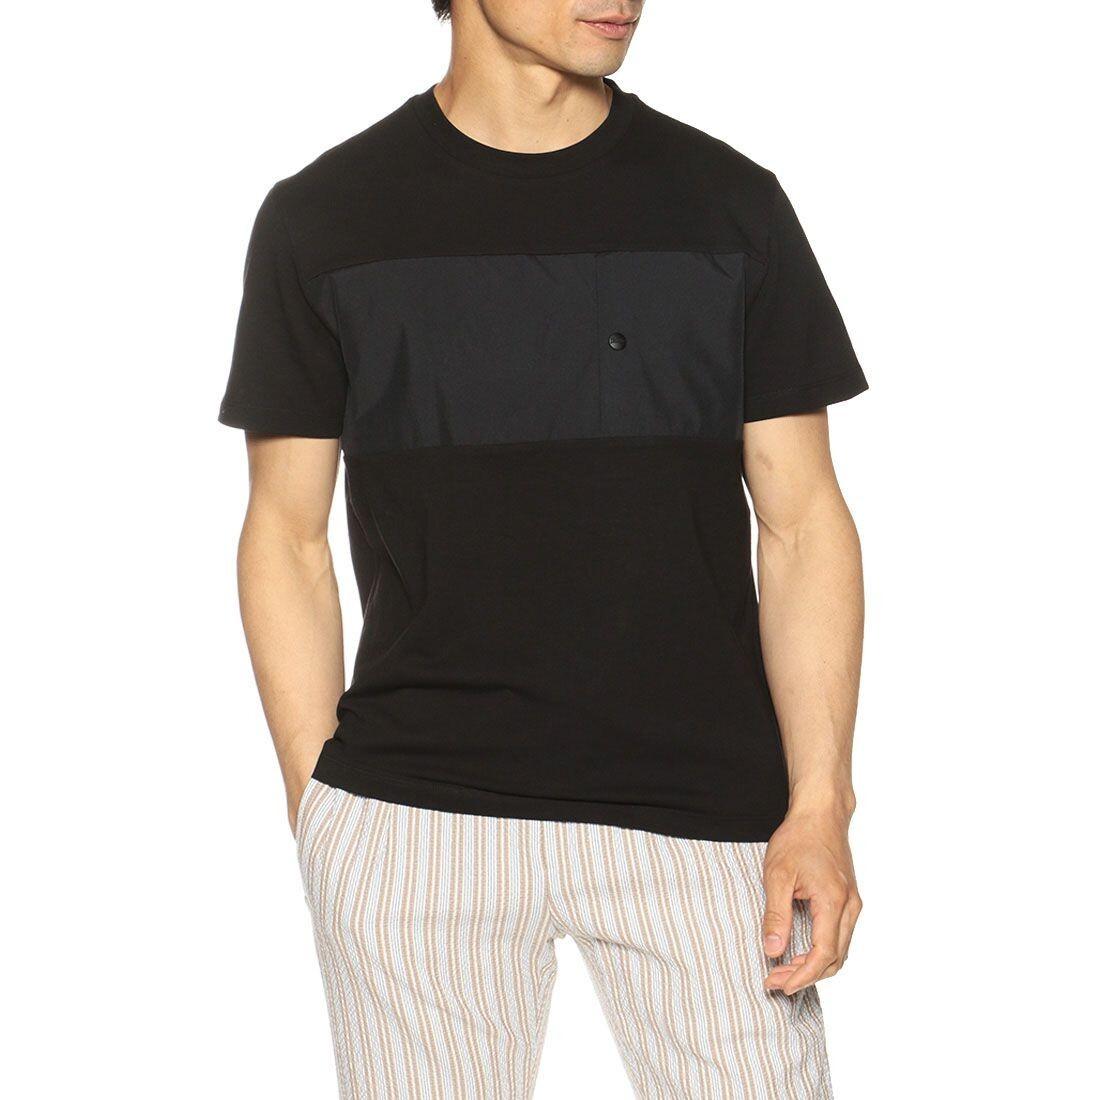 ダークグレイ縞1本のある黒いTシャツ